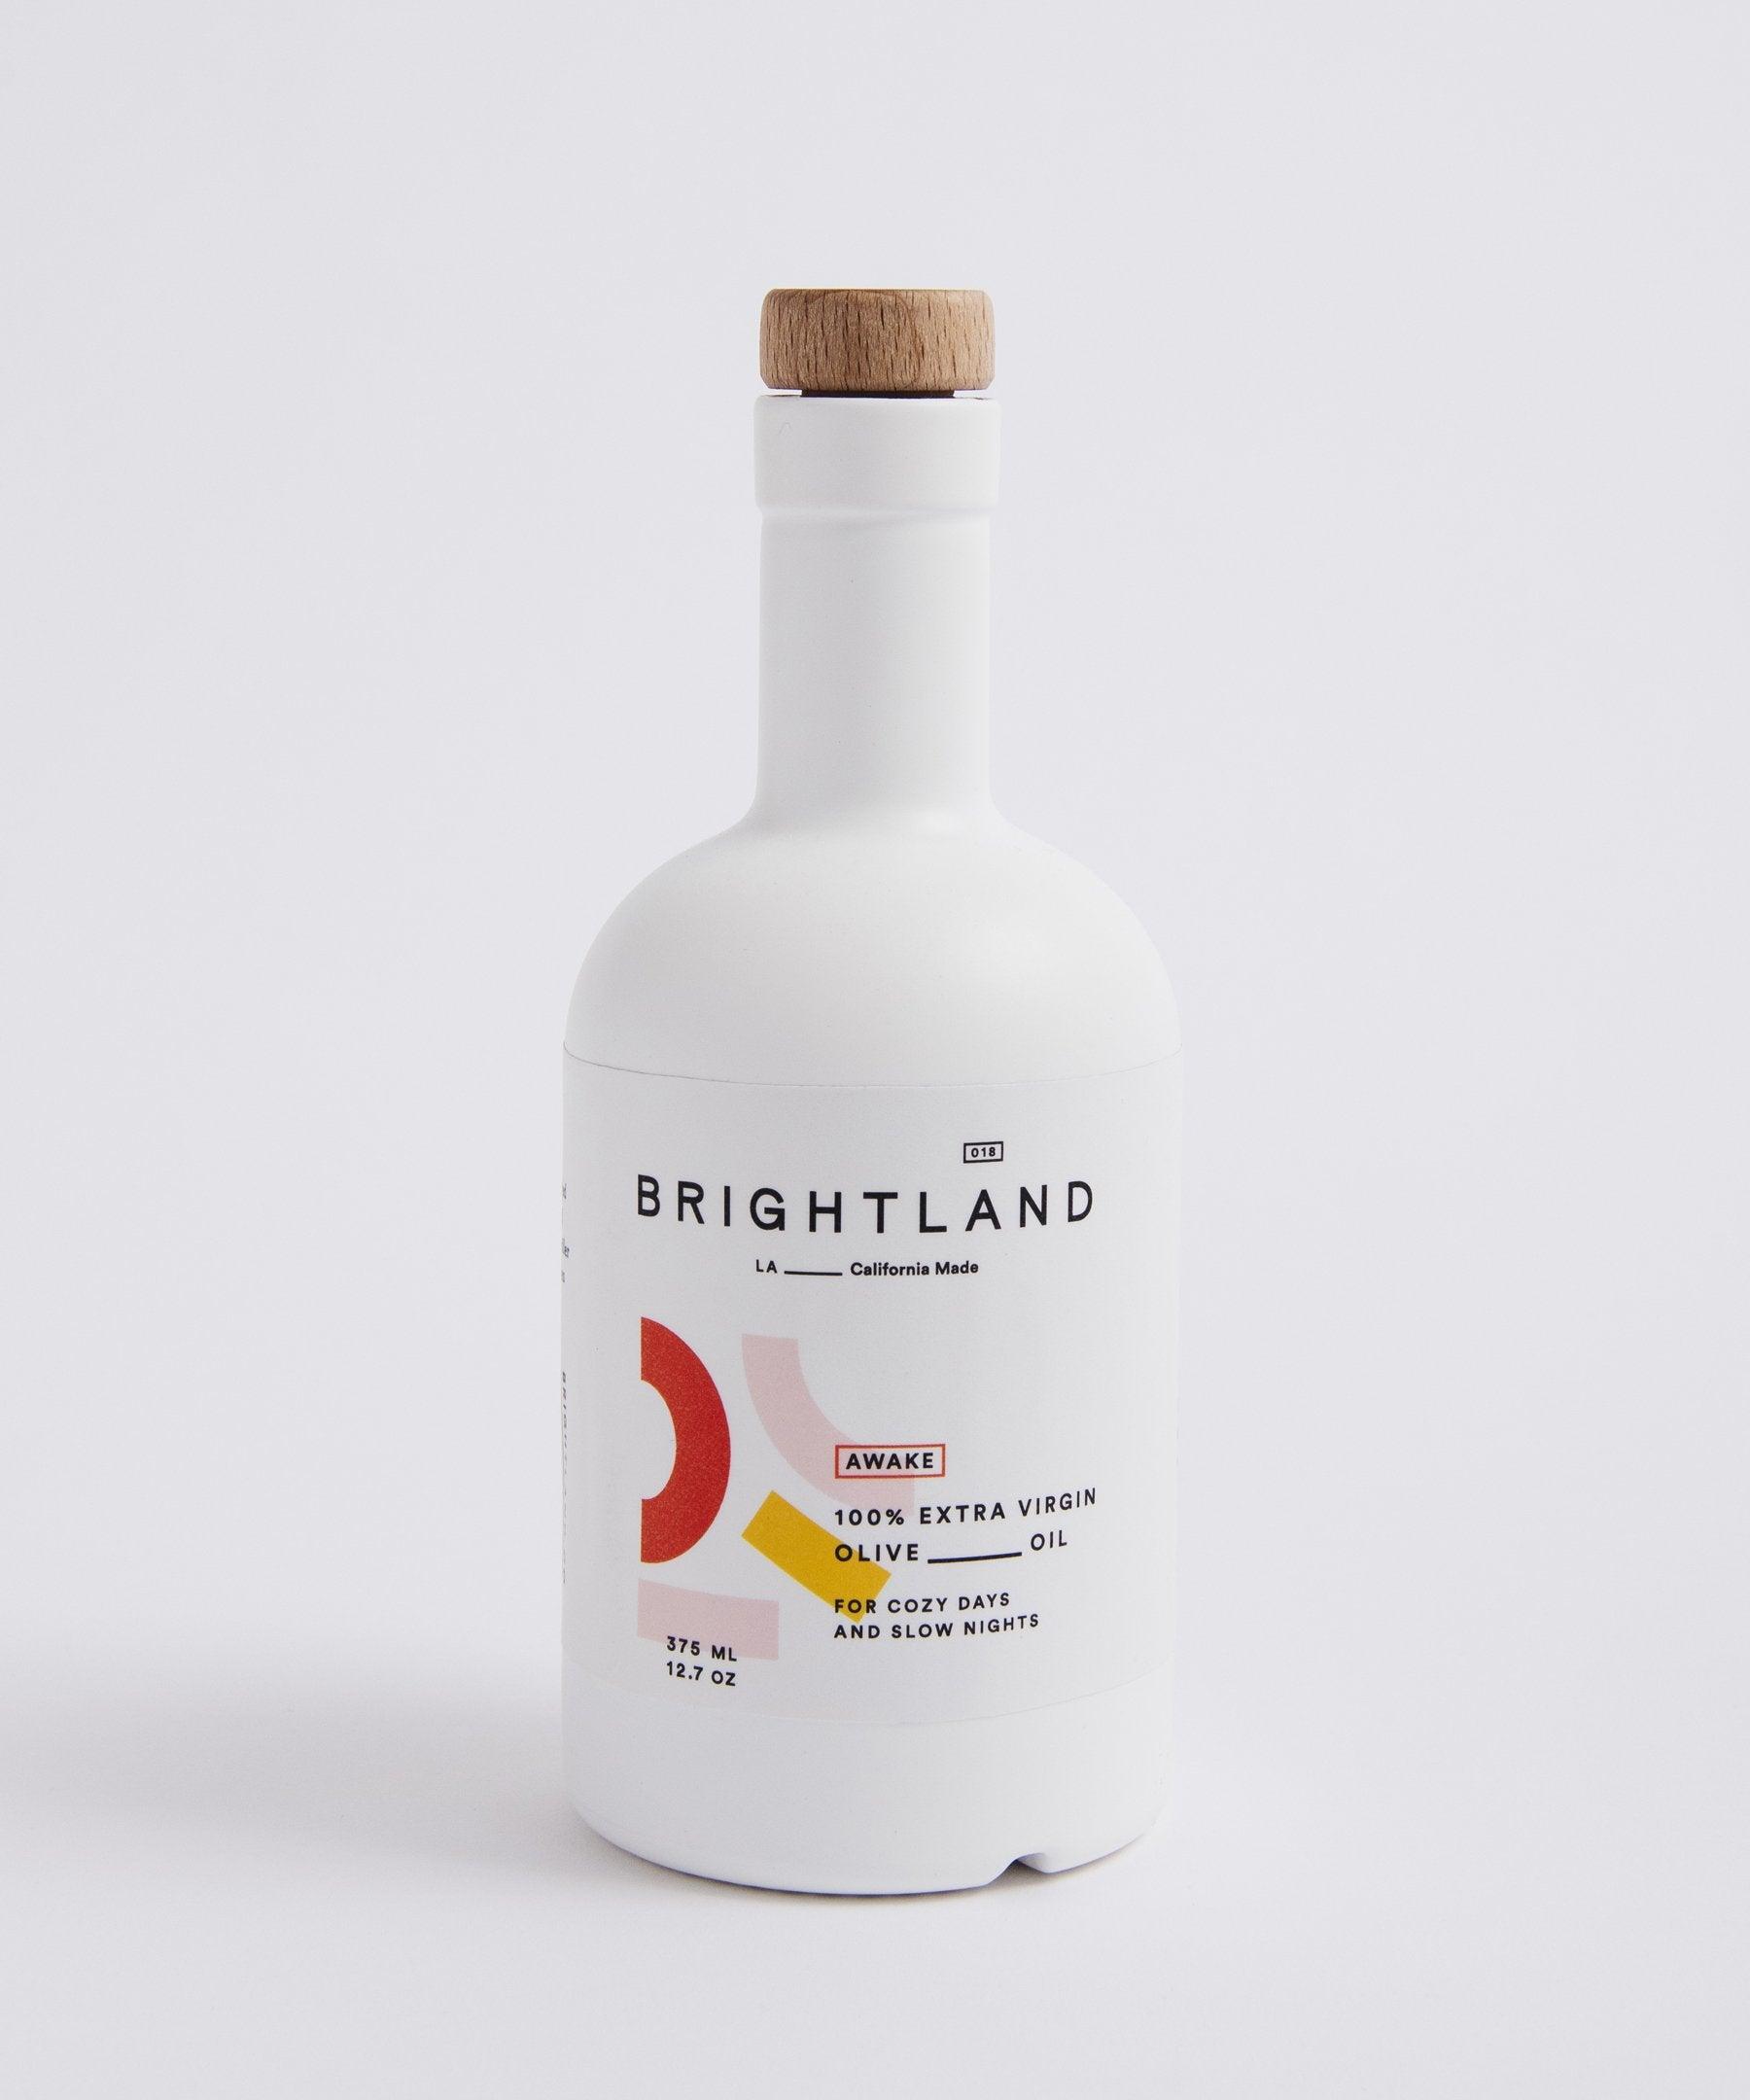 Brightland_3722_1800x